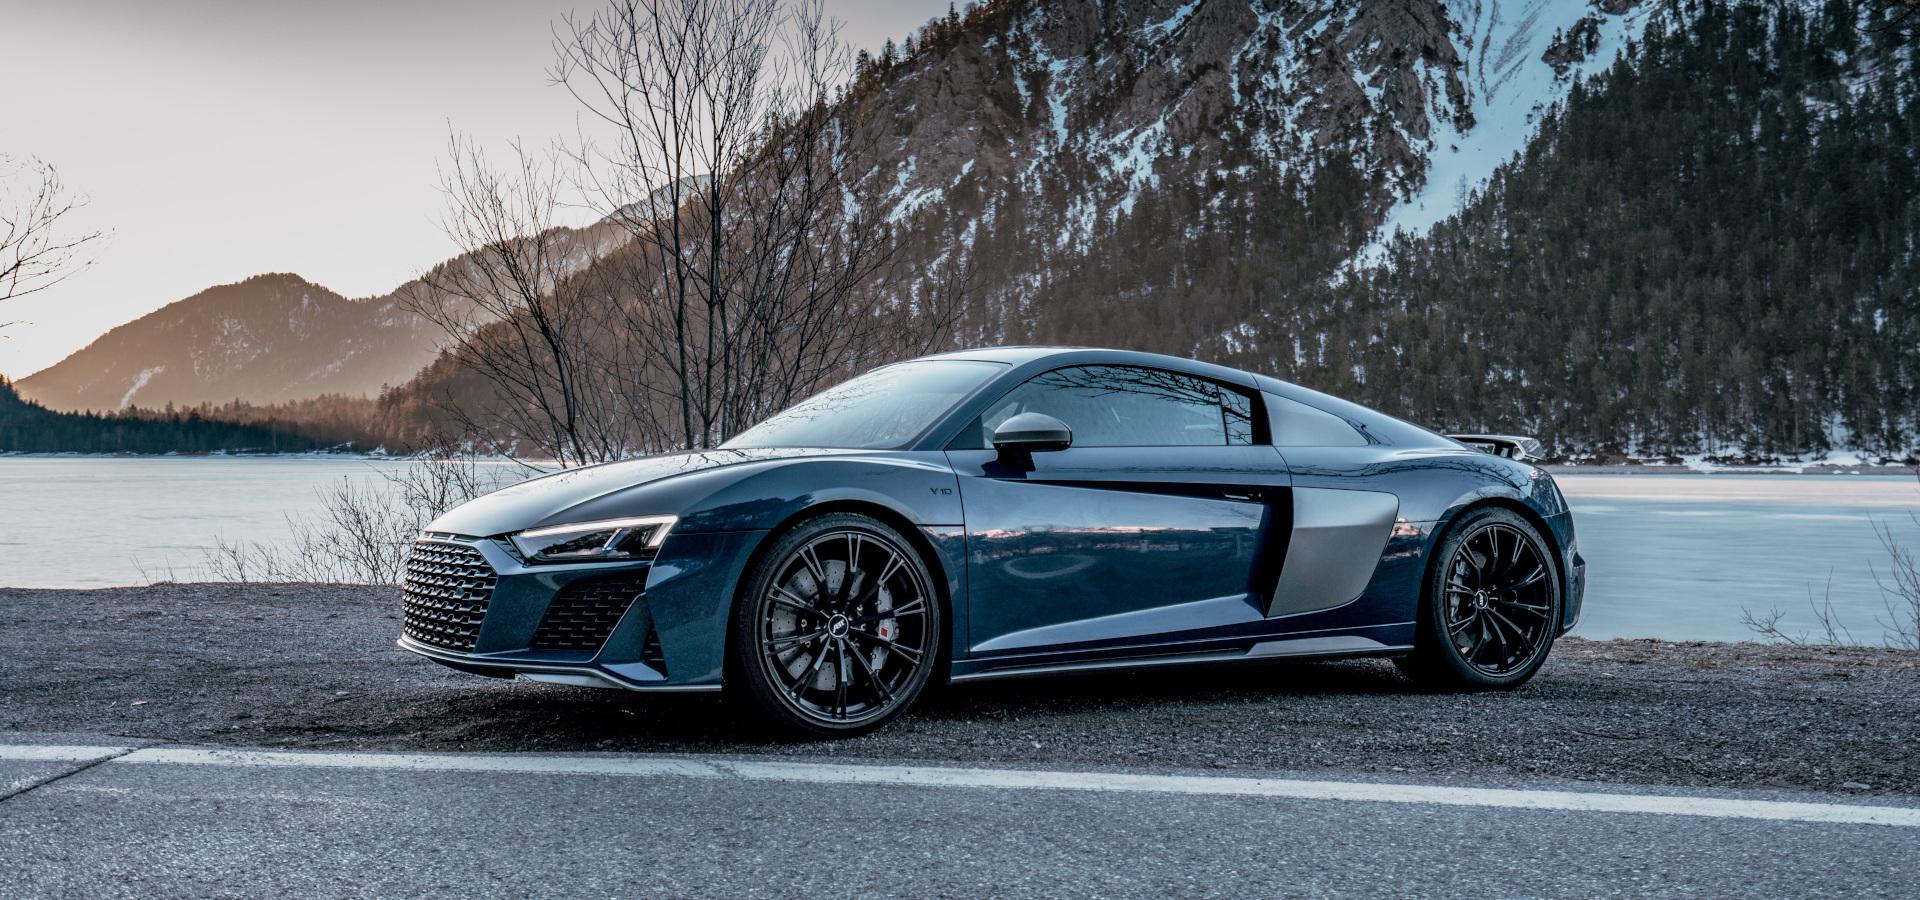 Kekurangan Audi Rt Harga